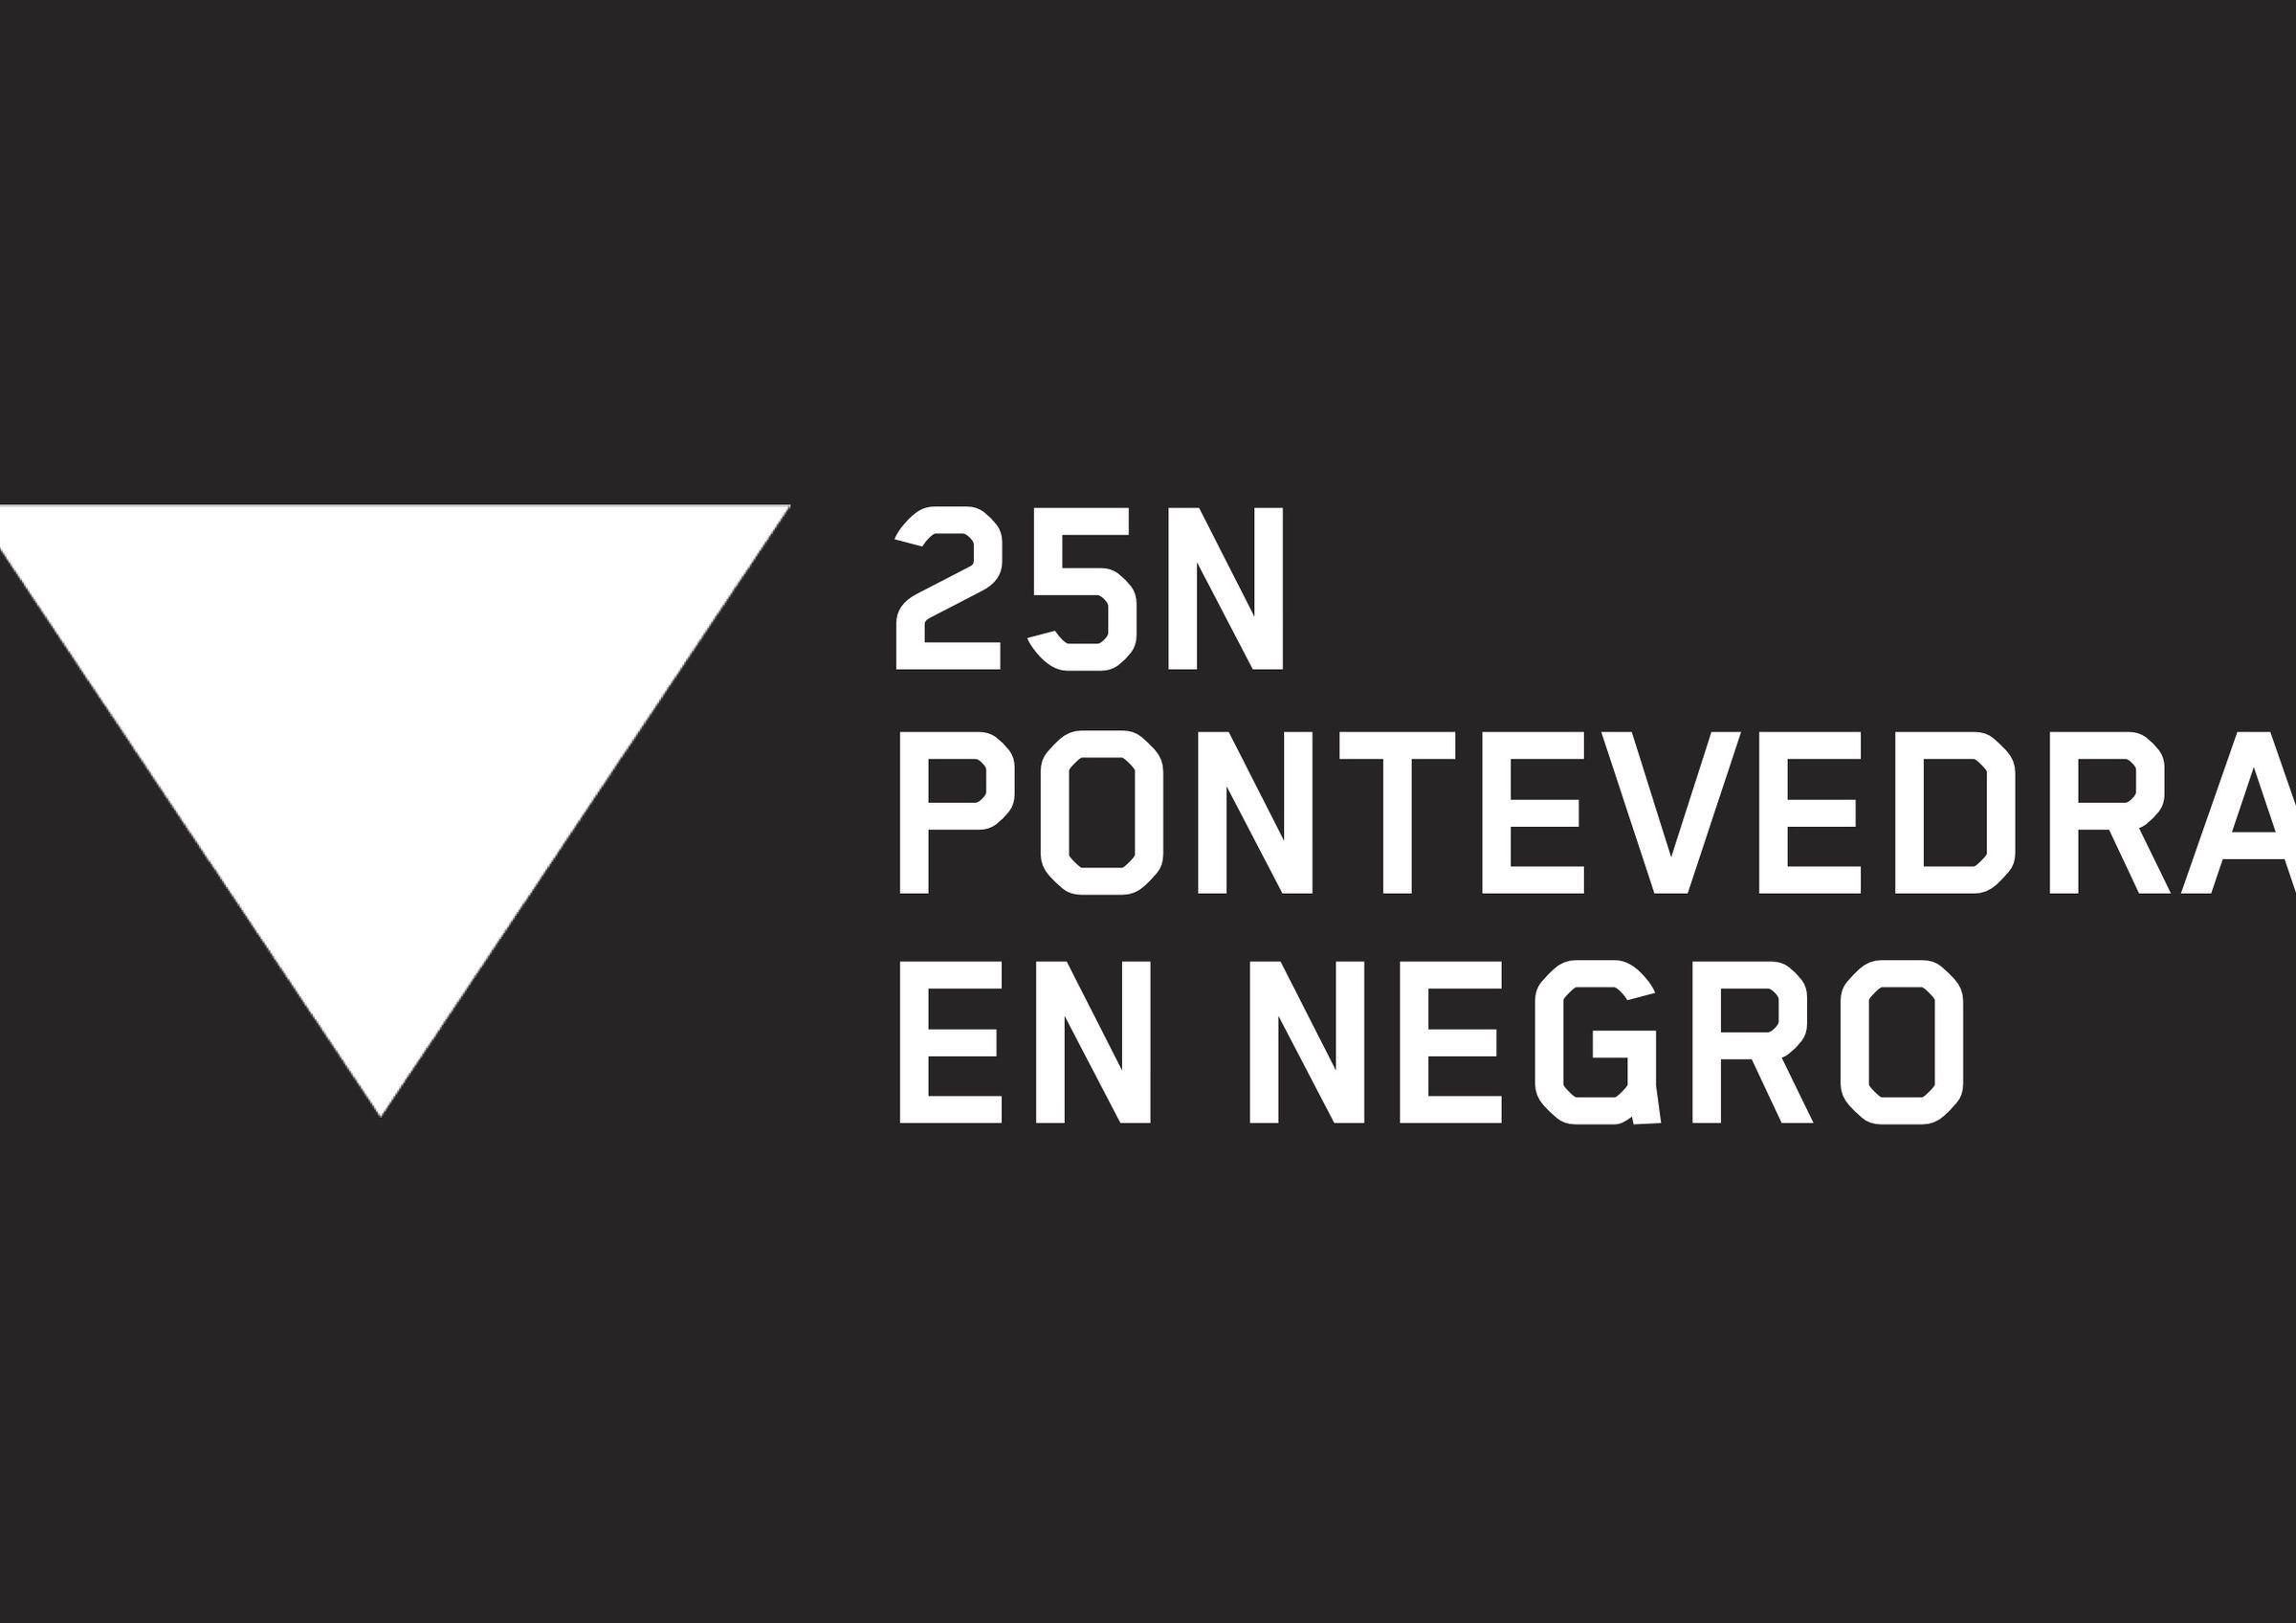 autobús, Asturias, alsa, pasajeros, Oviedo.Una escultura aparece cubierta con una máscara negra durante una concentración por los derechos de las mujeres en Oviedo